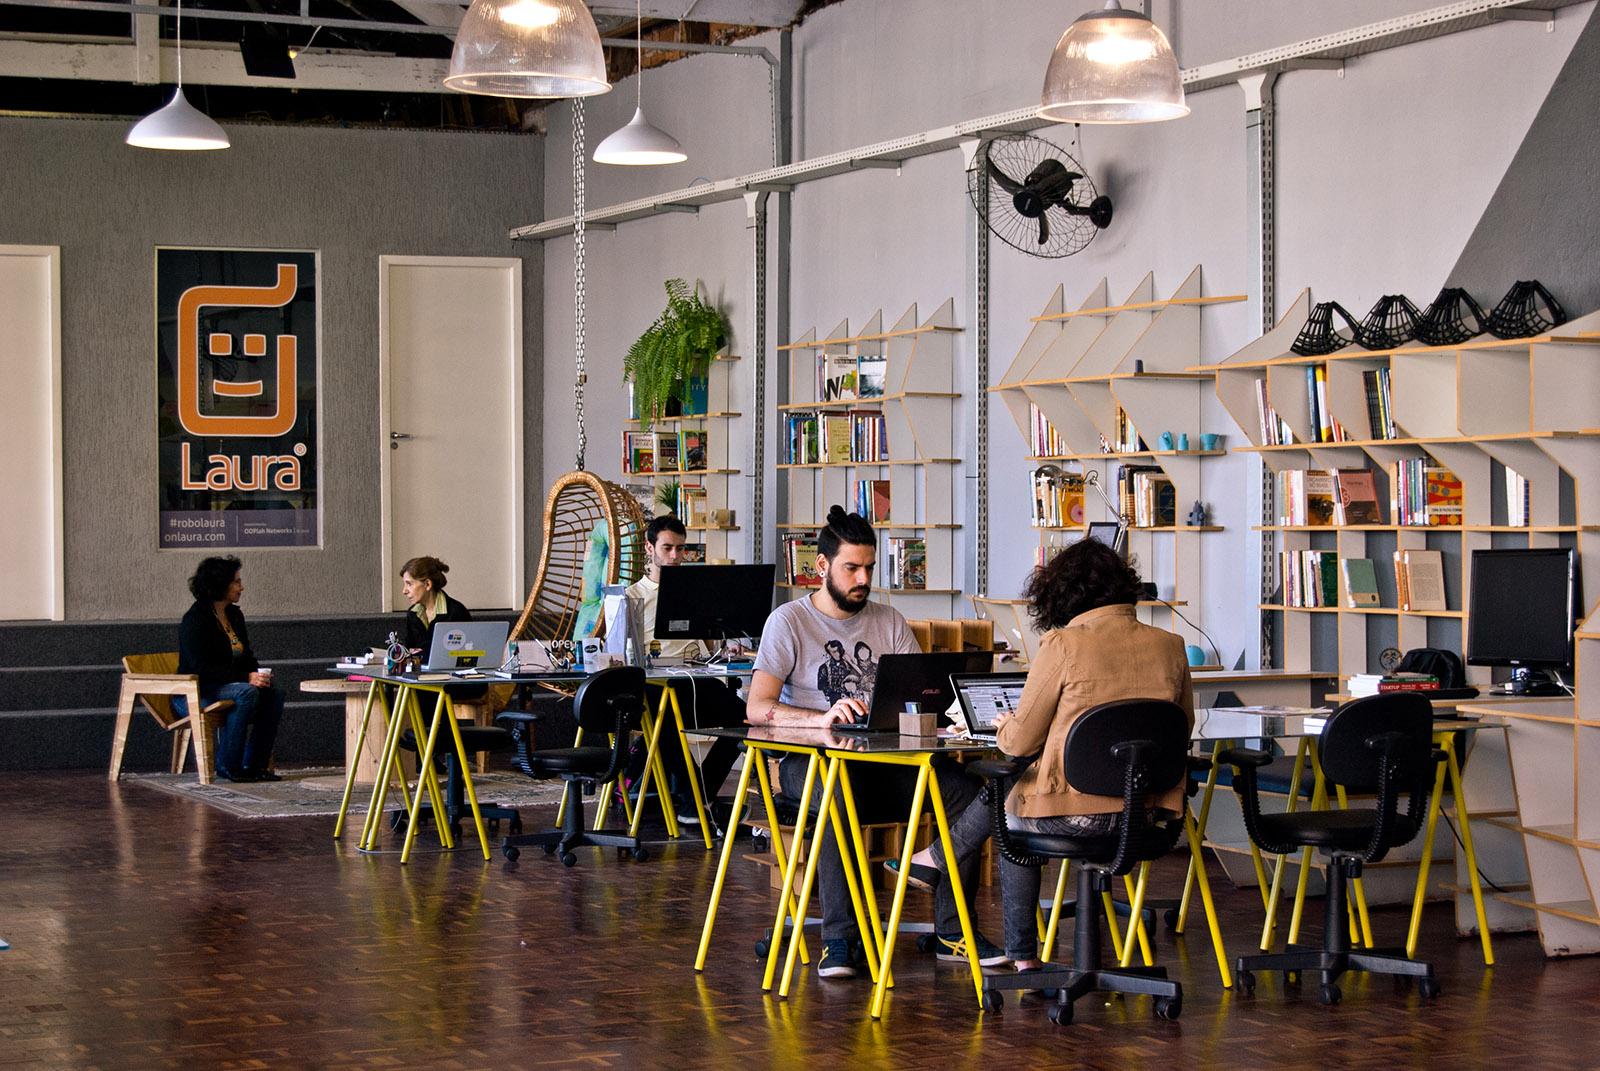 5 espaços de coworking que refletem o novo mercado de trabalho